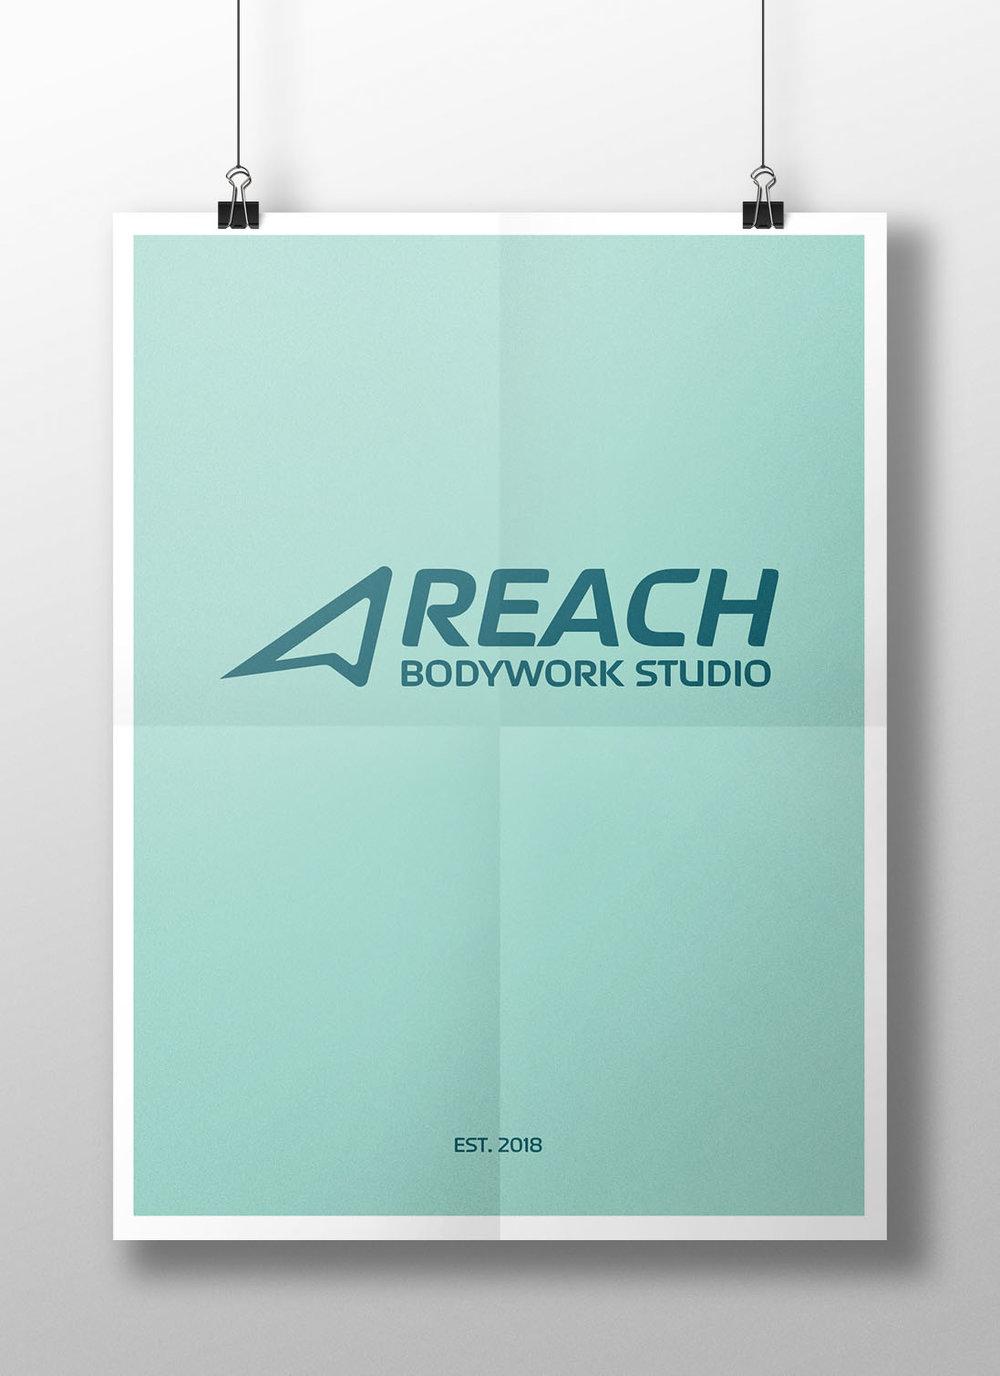 REACH_PosterMockup.jpg